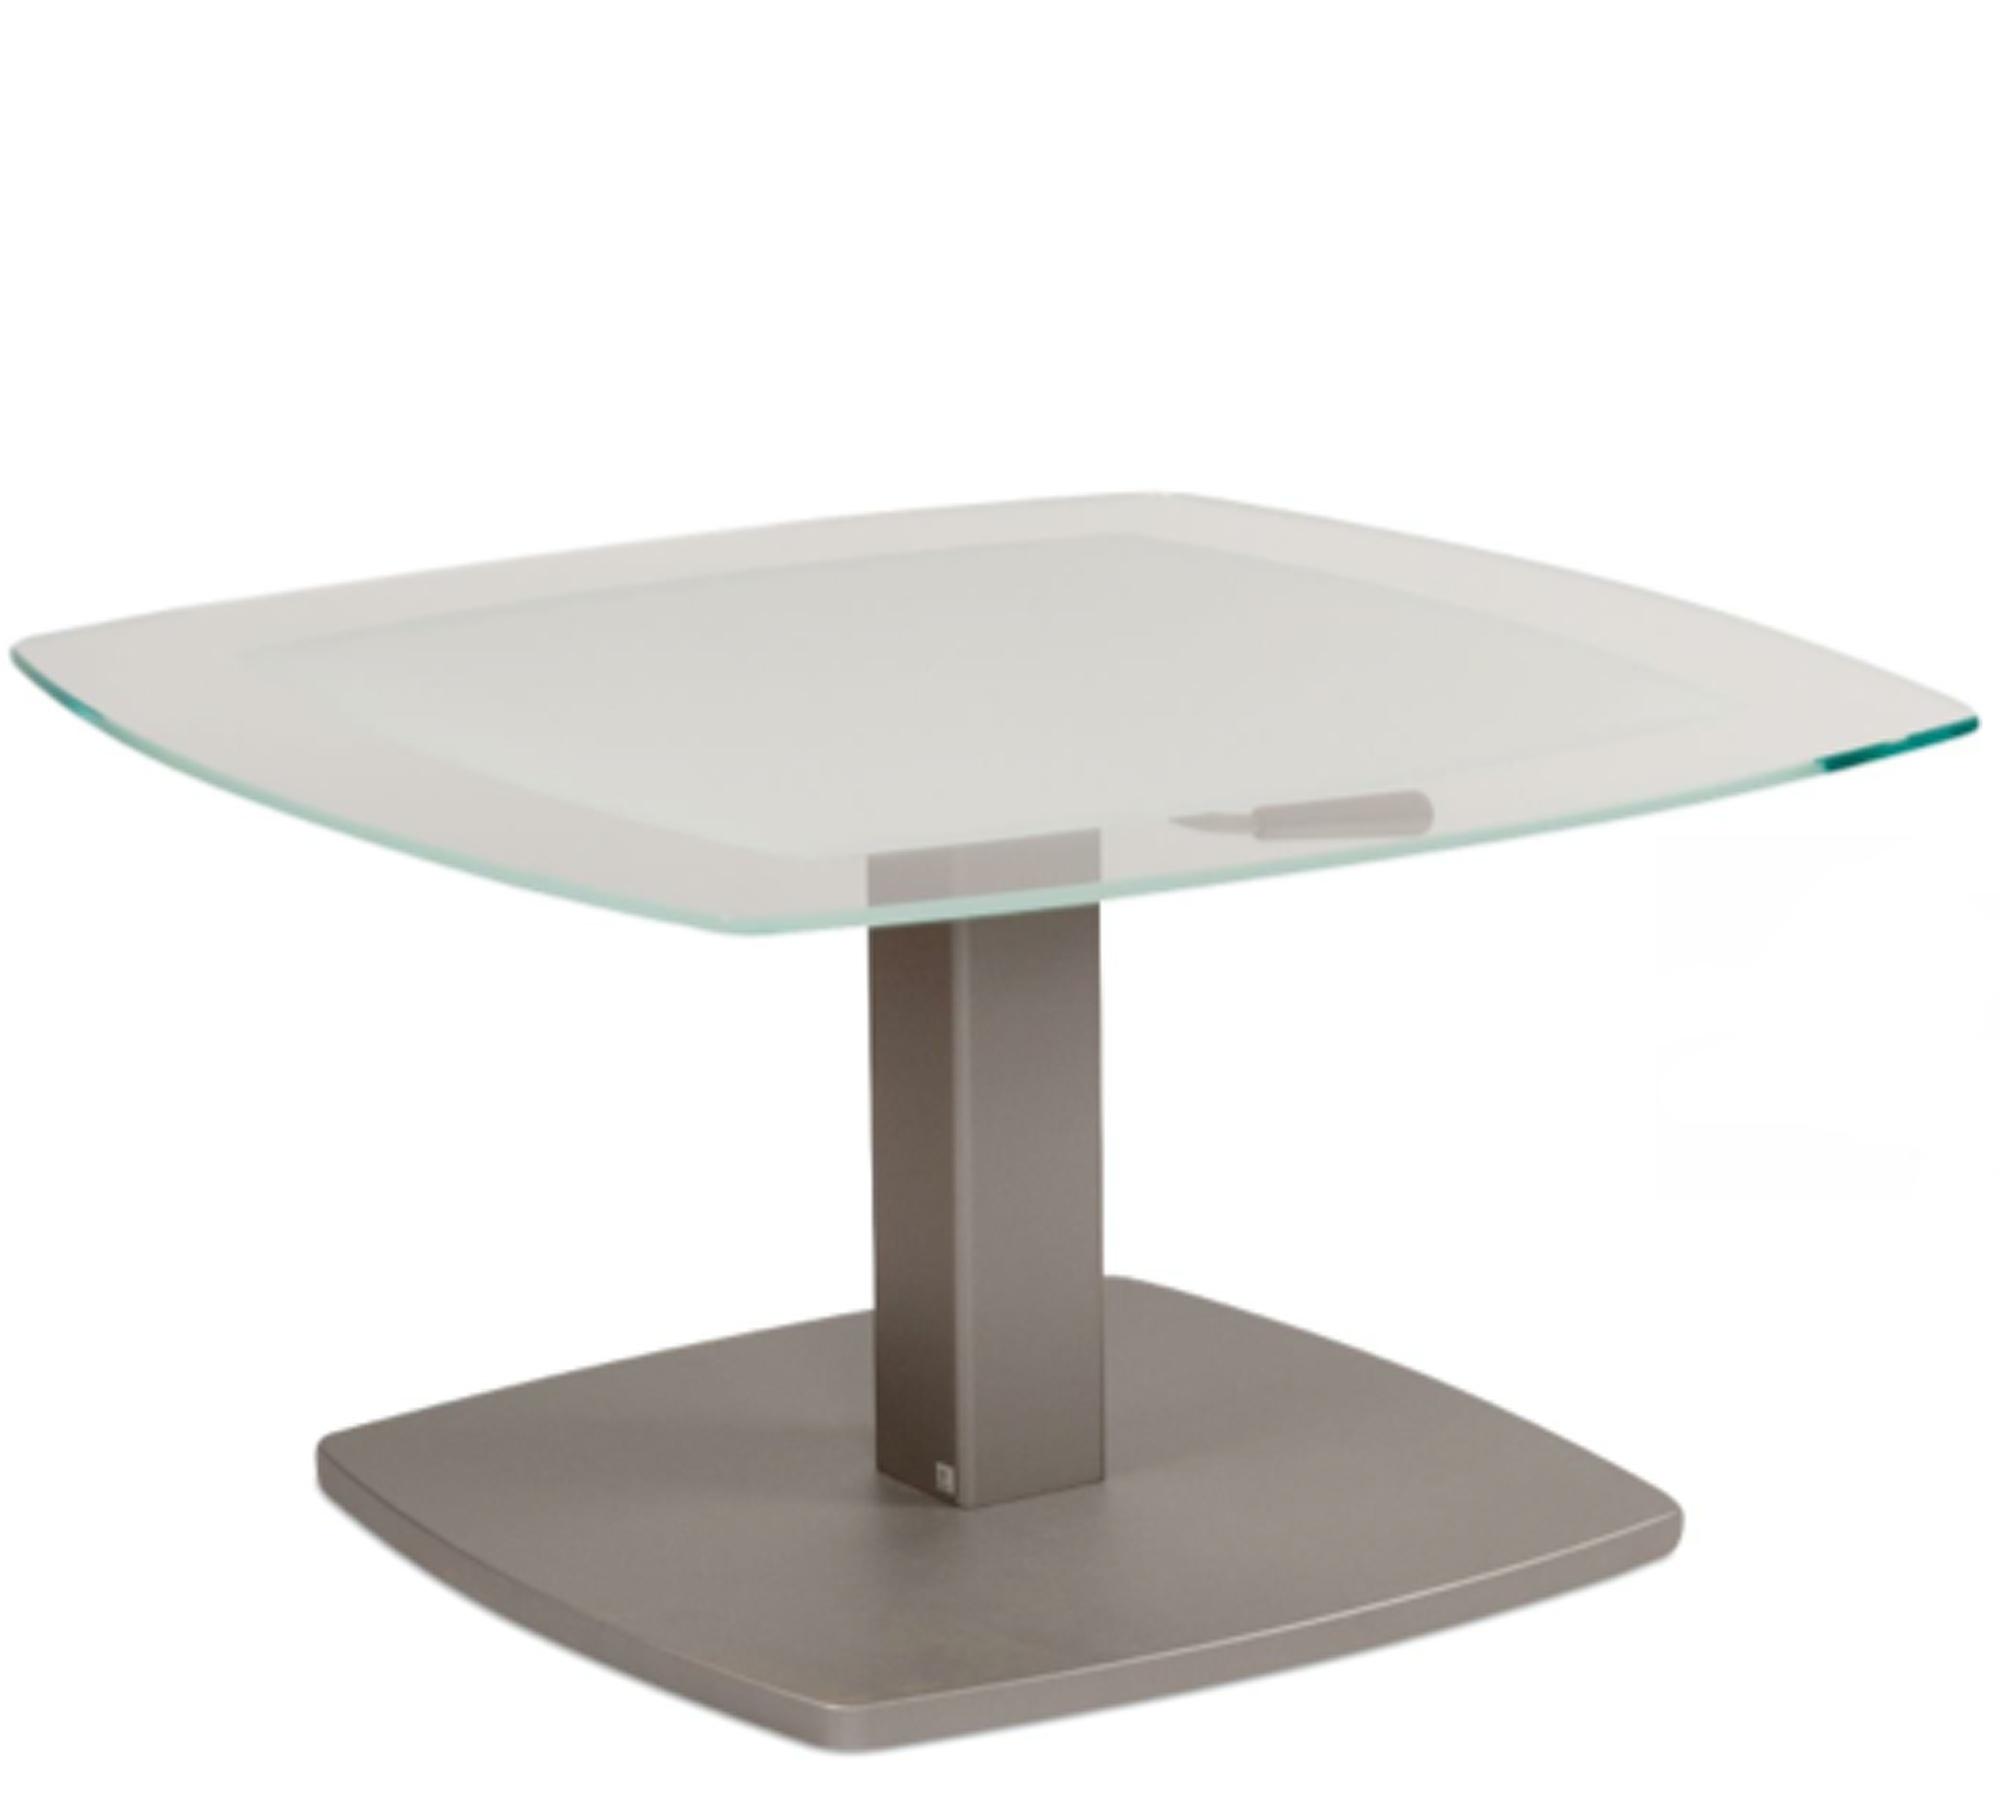 Attraktiv Höhenverstellbarer Beistelltisch Ideen Von Couchtisch Aus Glas 2396-psb Höhenverstellbar 80x80 Cm